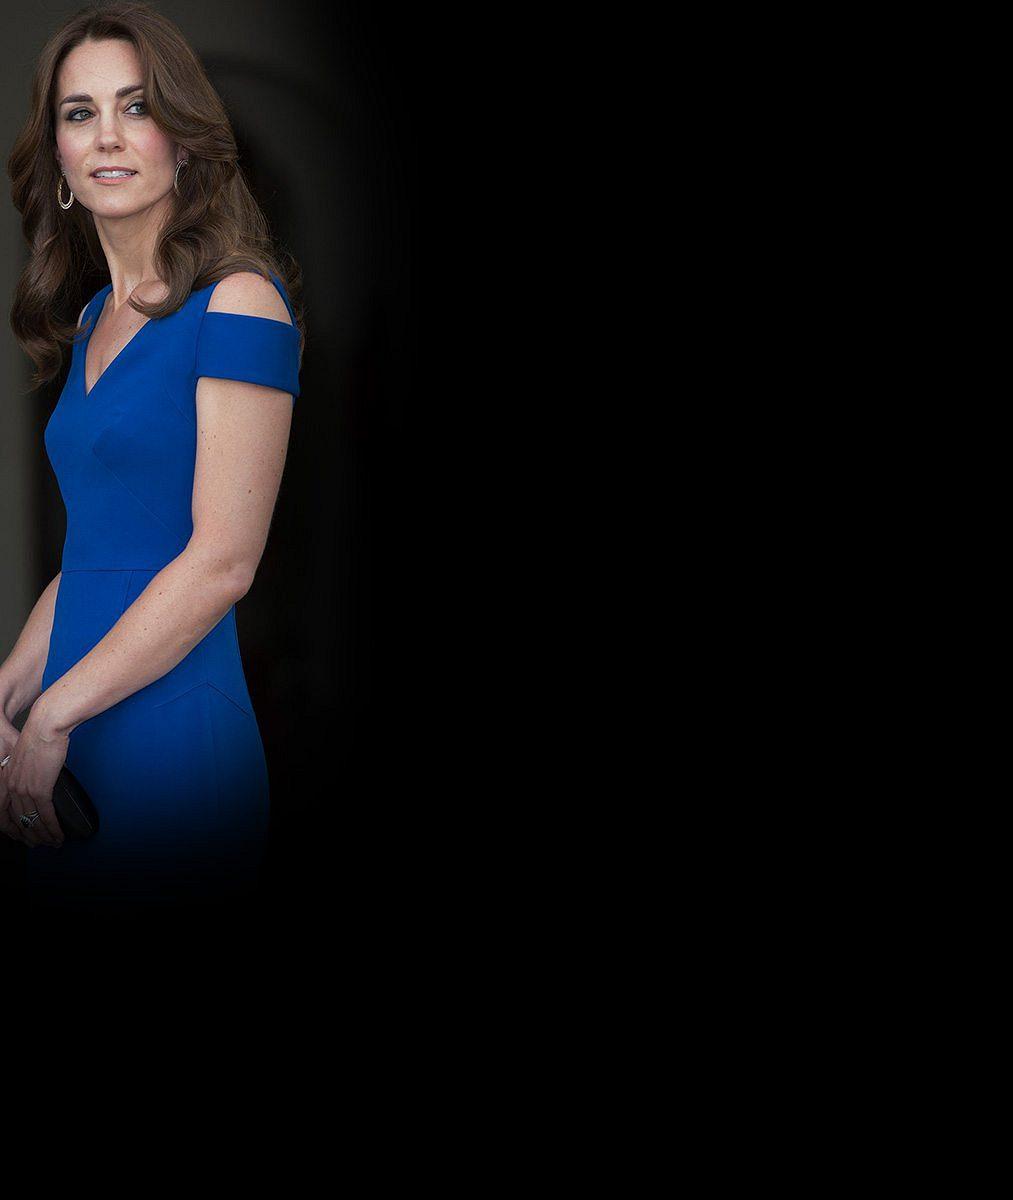 Oslavy devadesátin královny Alžběty II. vplném proudu: Kate prý málem zastínila mladinká princezna